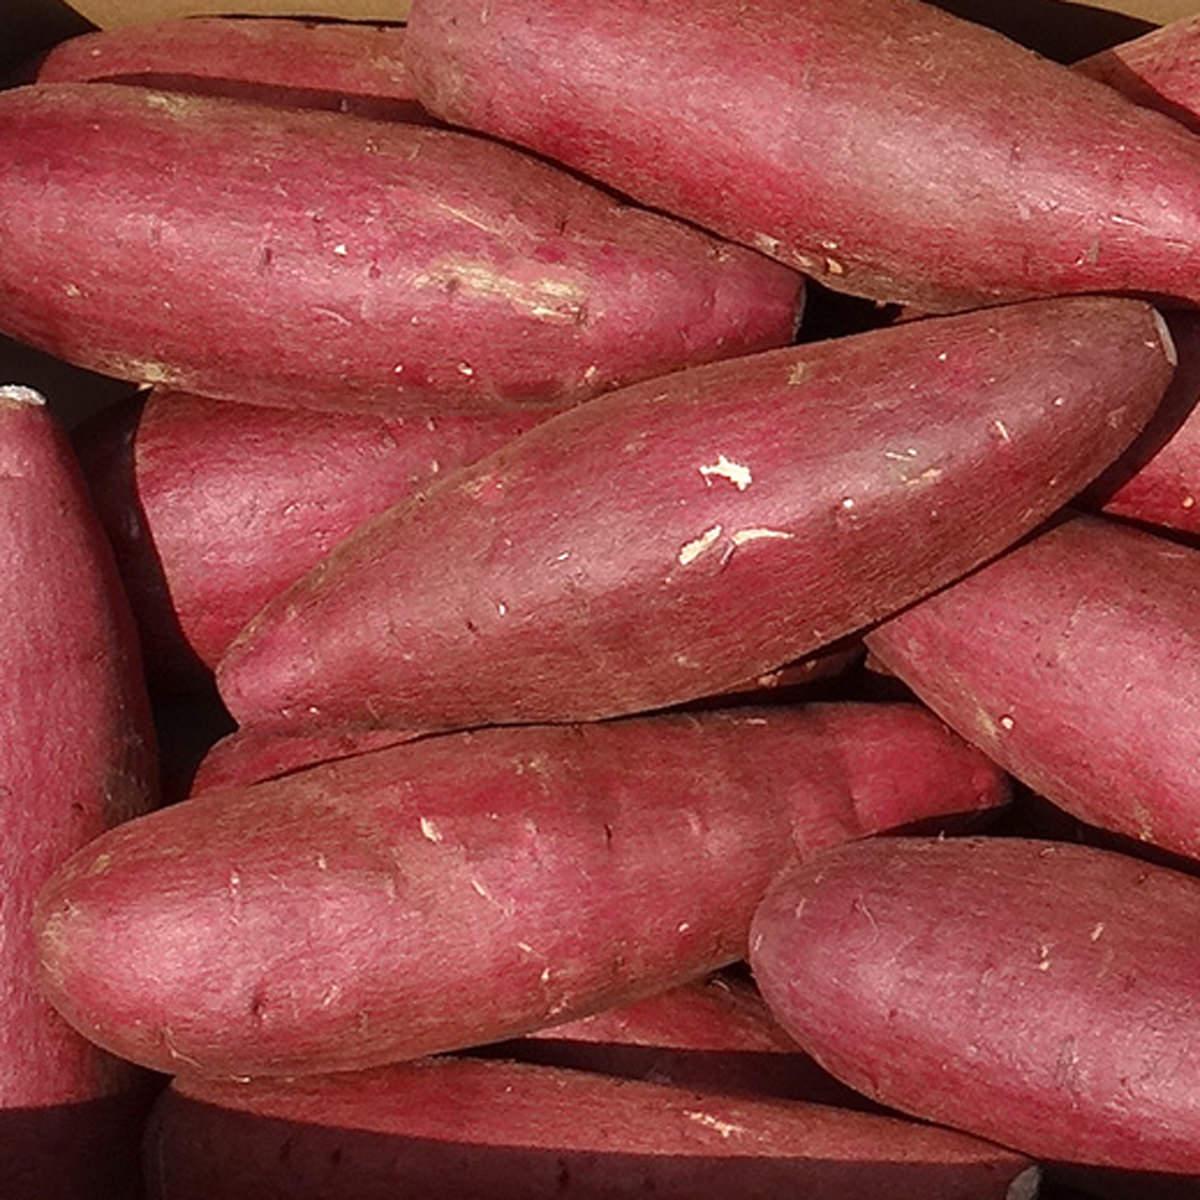 サラダファイブ 濃厚しっとり甘いさつまいも 茨城県産シルクスイート A等級 Lサイズ〔2kg〕